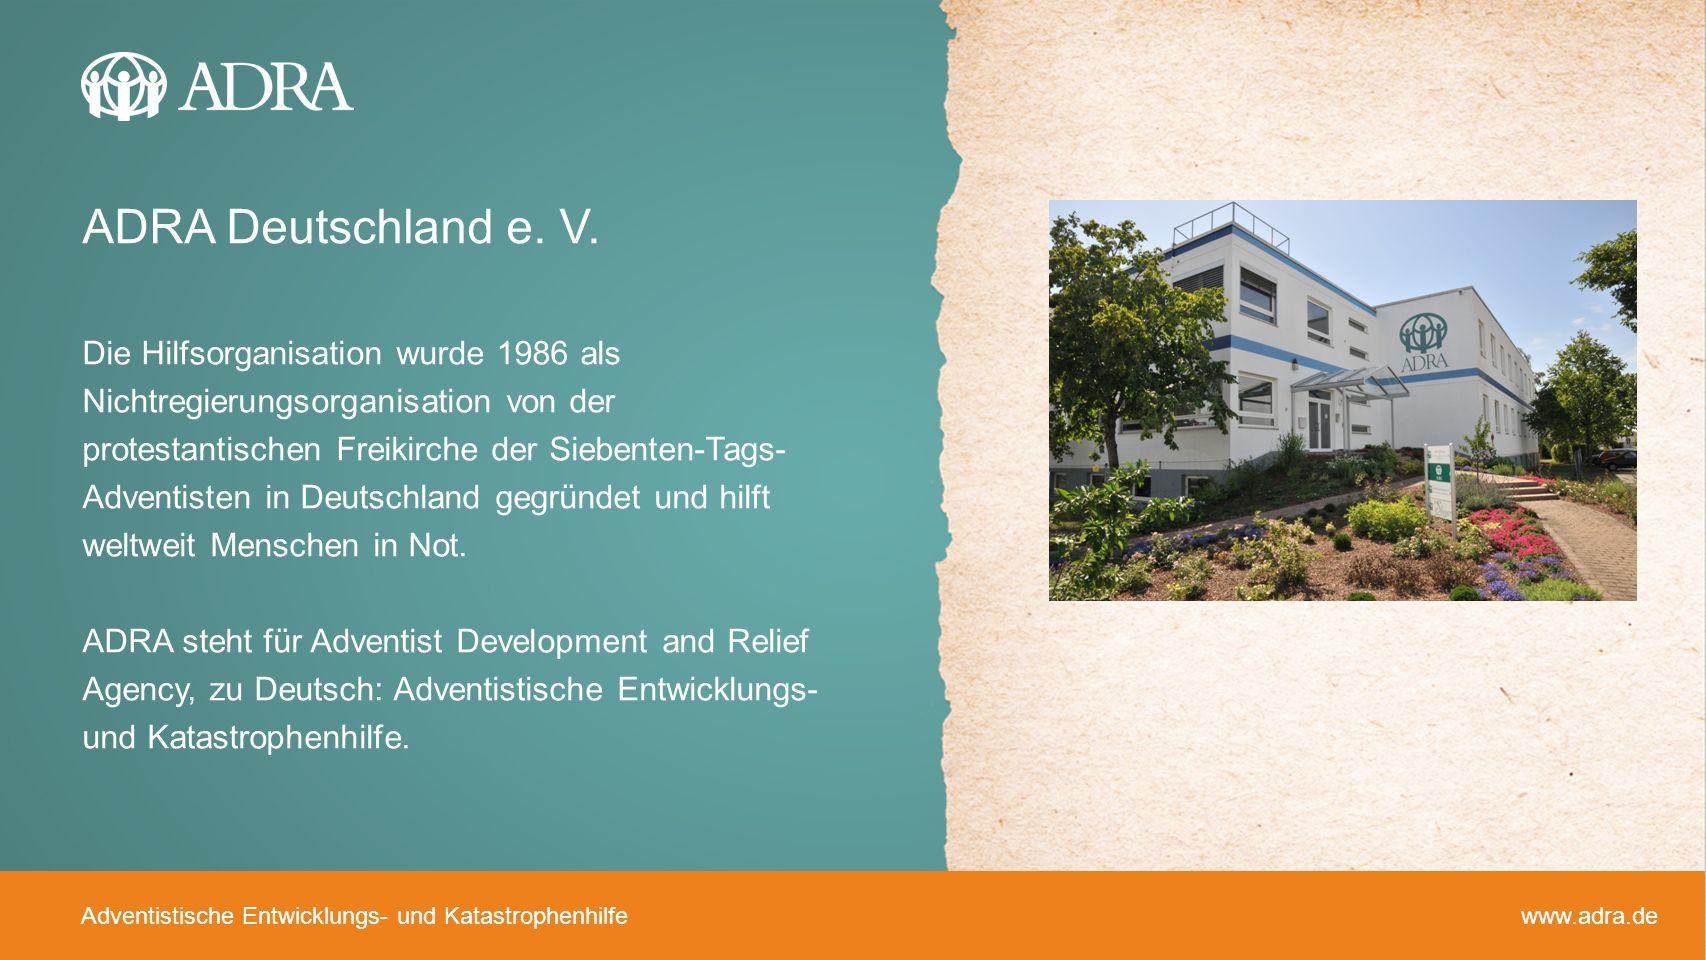 ADRA Deutschland e. V. Die Hilfsorganisation wurde 1986 als Nichtregierungsorganisation von der protestantischen Freikirche der Siebenten-Tags- Advent